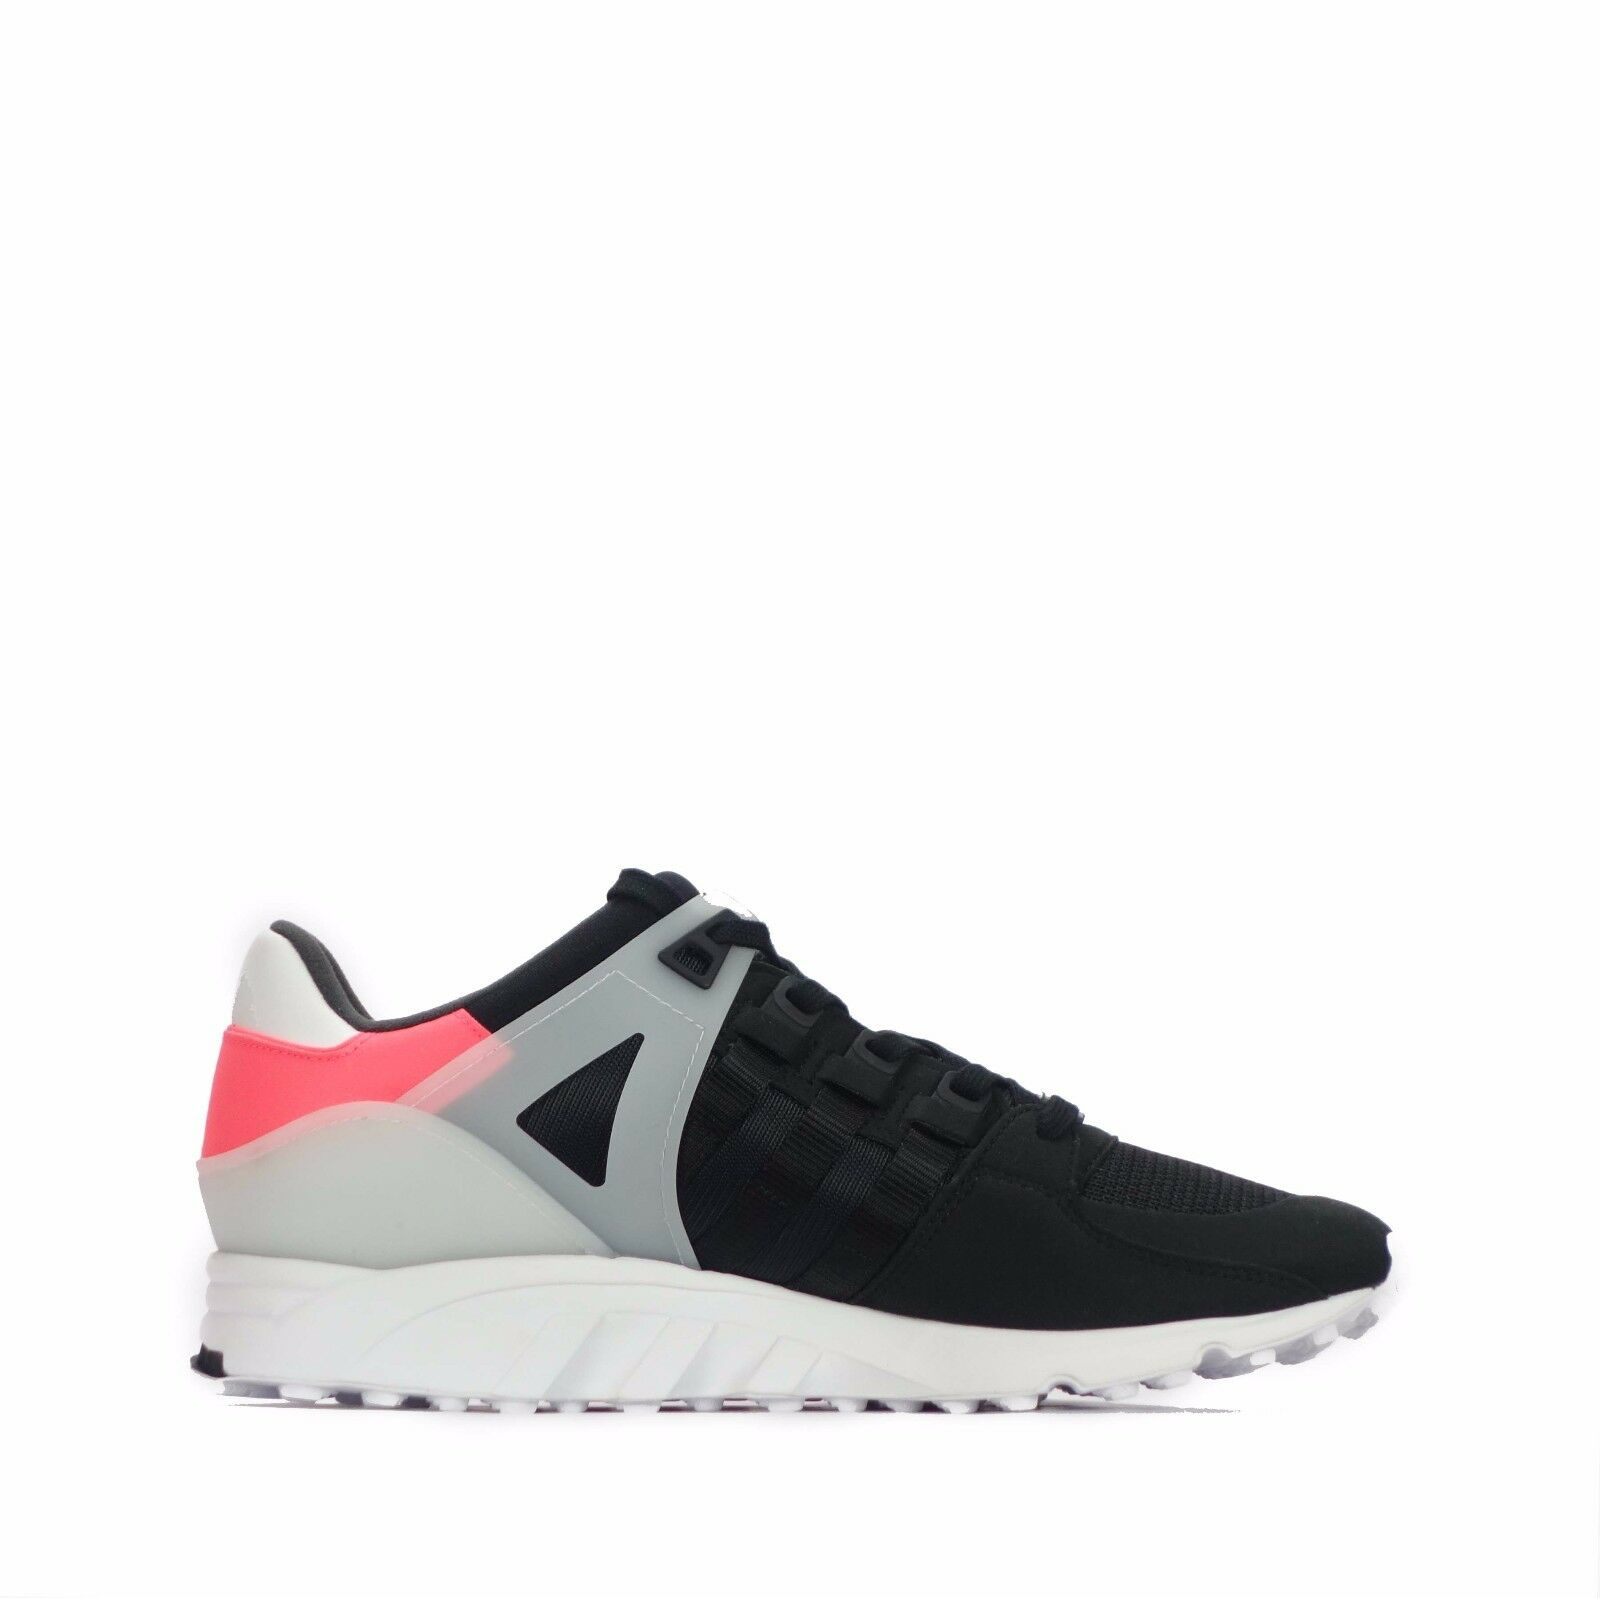 Adidas Originals EQT Support RF Herren Herren Herren Schuhe schwarz   Turbo   bda728